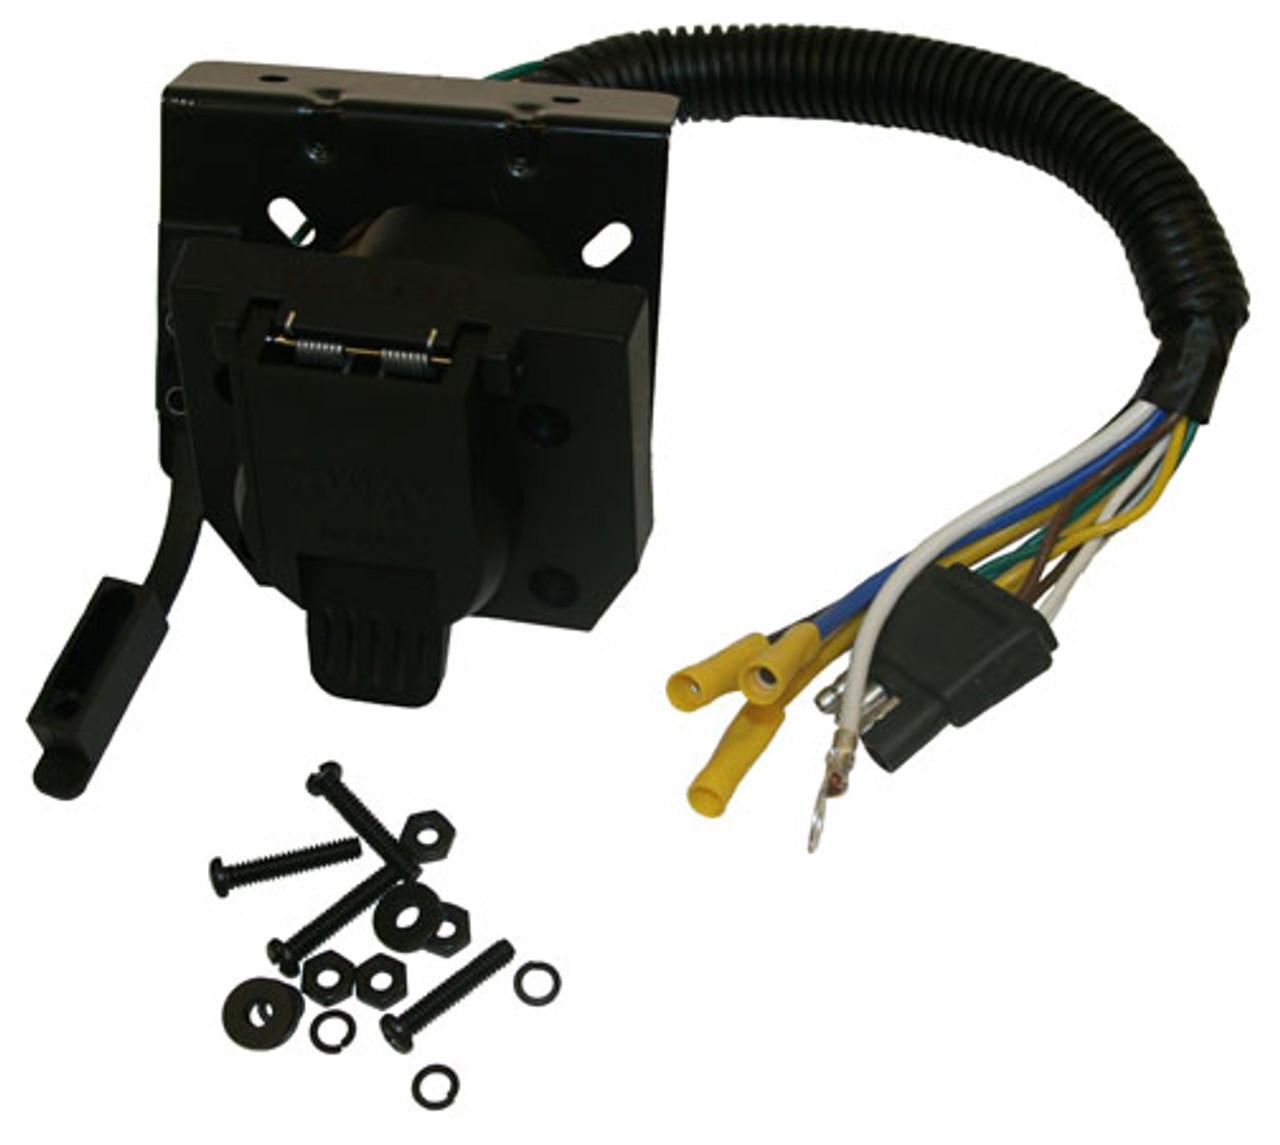 37185 --- 4-Prong Flat to 4-Prong Flat and 7-Way Flat Pin Adapter